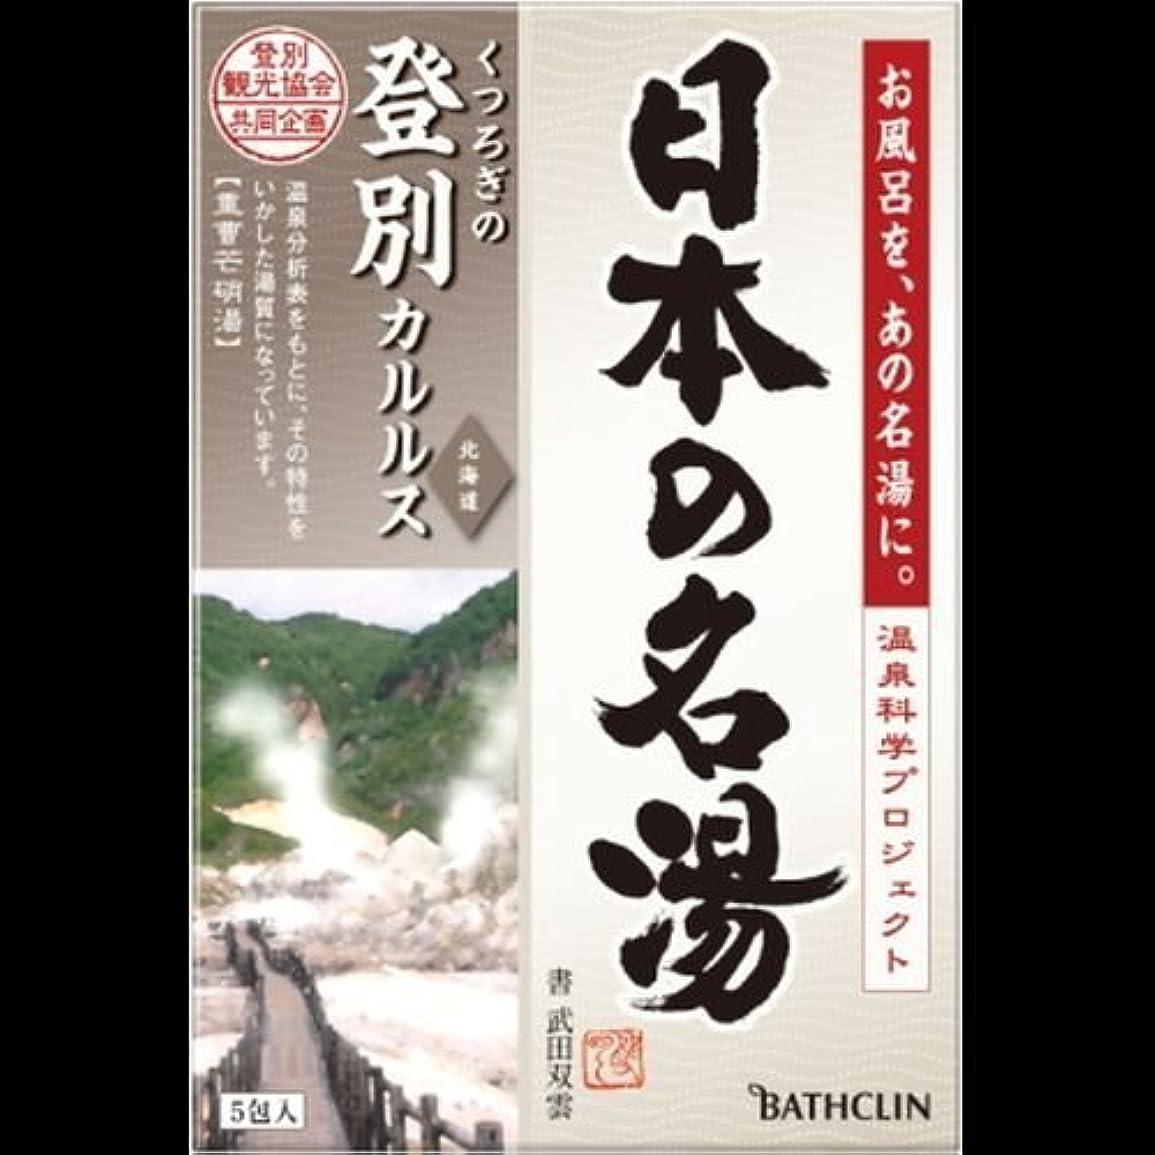 ファブリックアミューズ私たちのもの【まとめ買い】日本の名湯 登別カルルス 5包 ×2セット